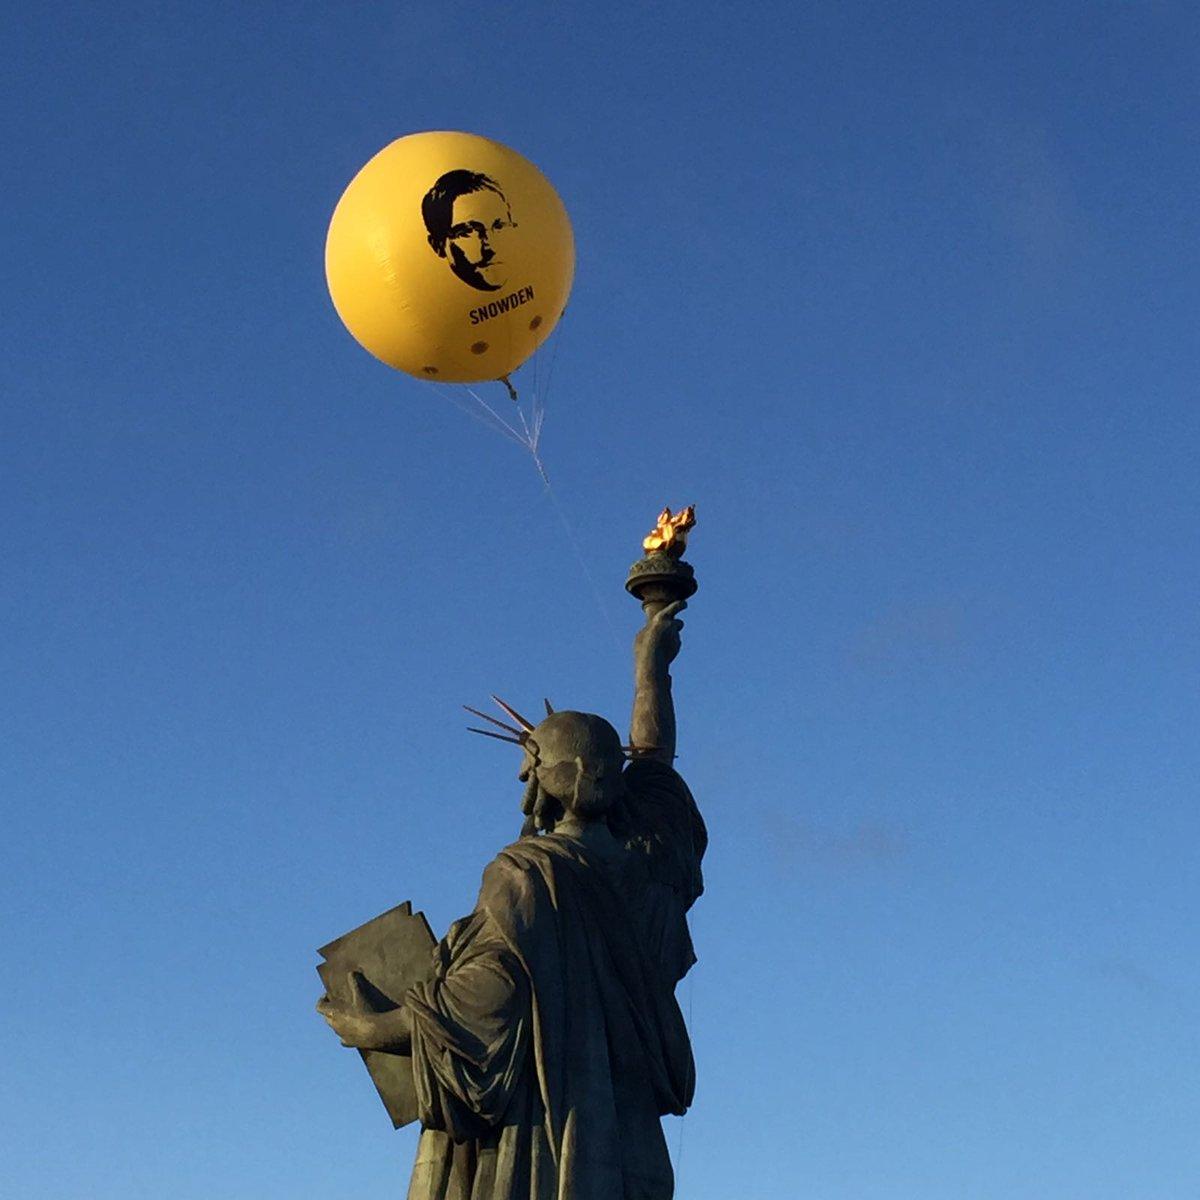 Над Парижем подняли воздушный шар с изображением Эдварда Сноудена